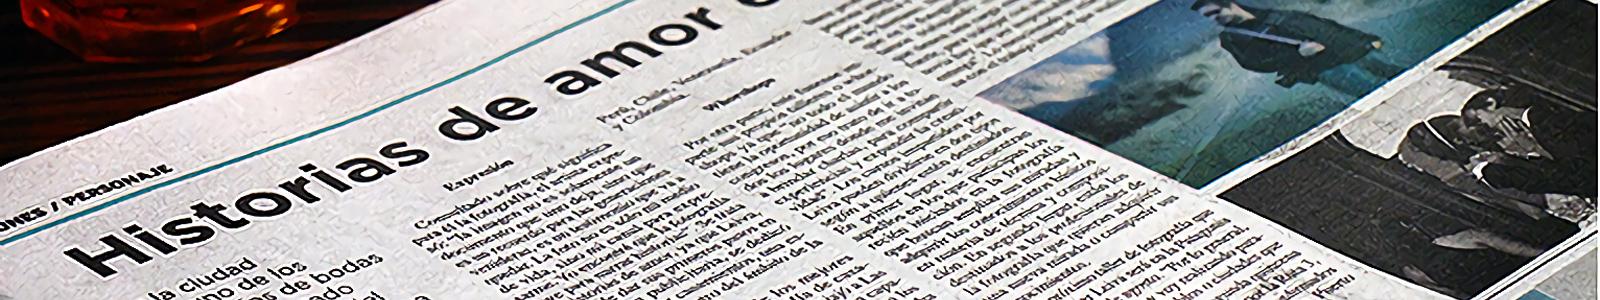 Nota diario La Capital. Mariano Leiva